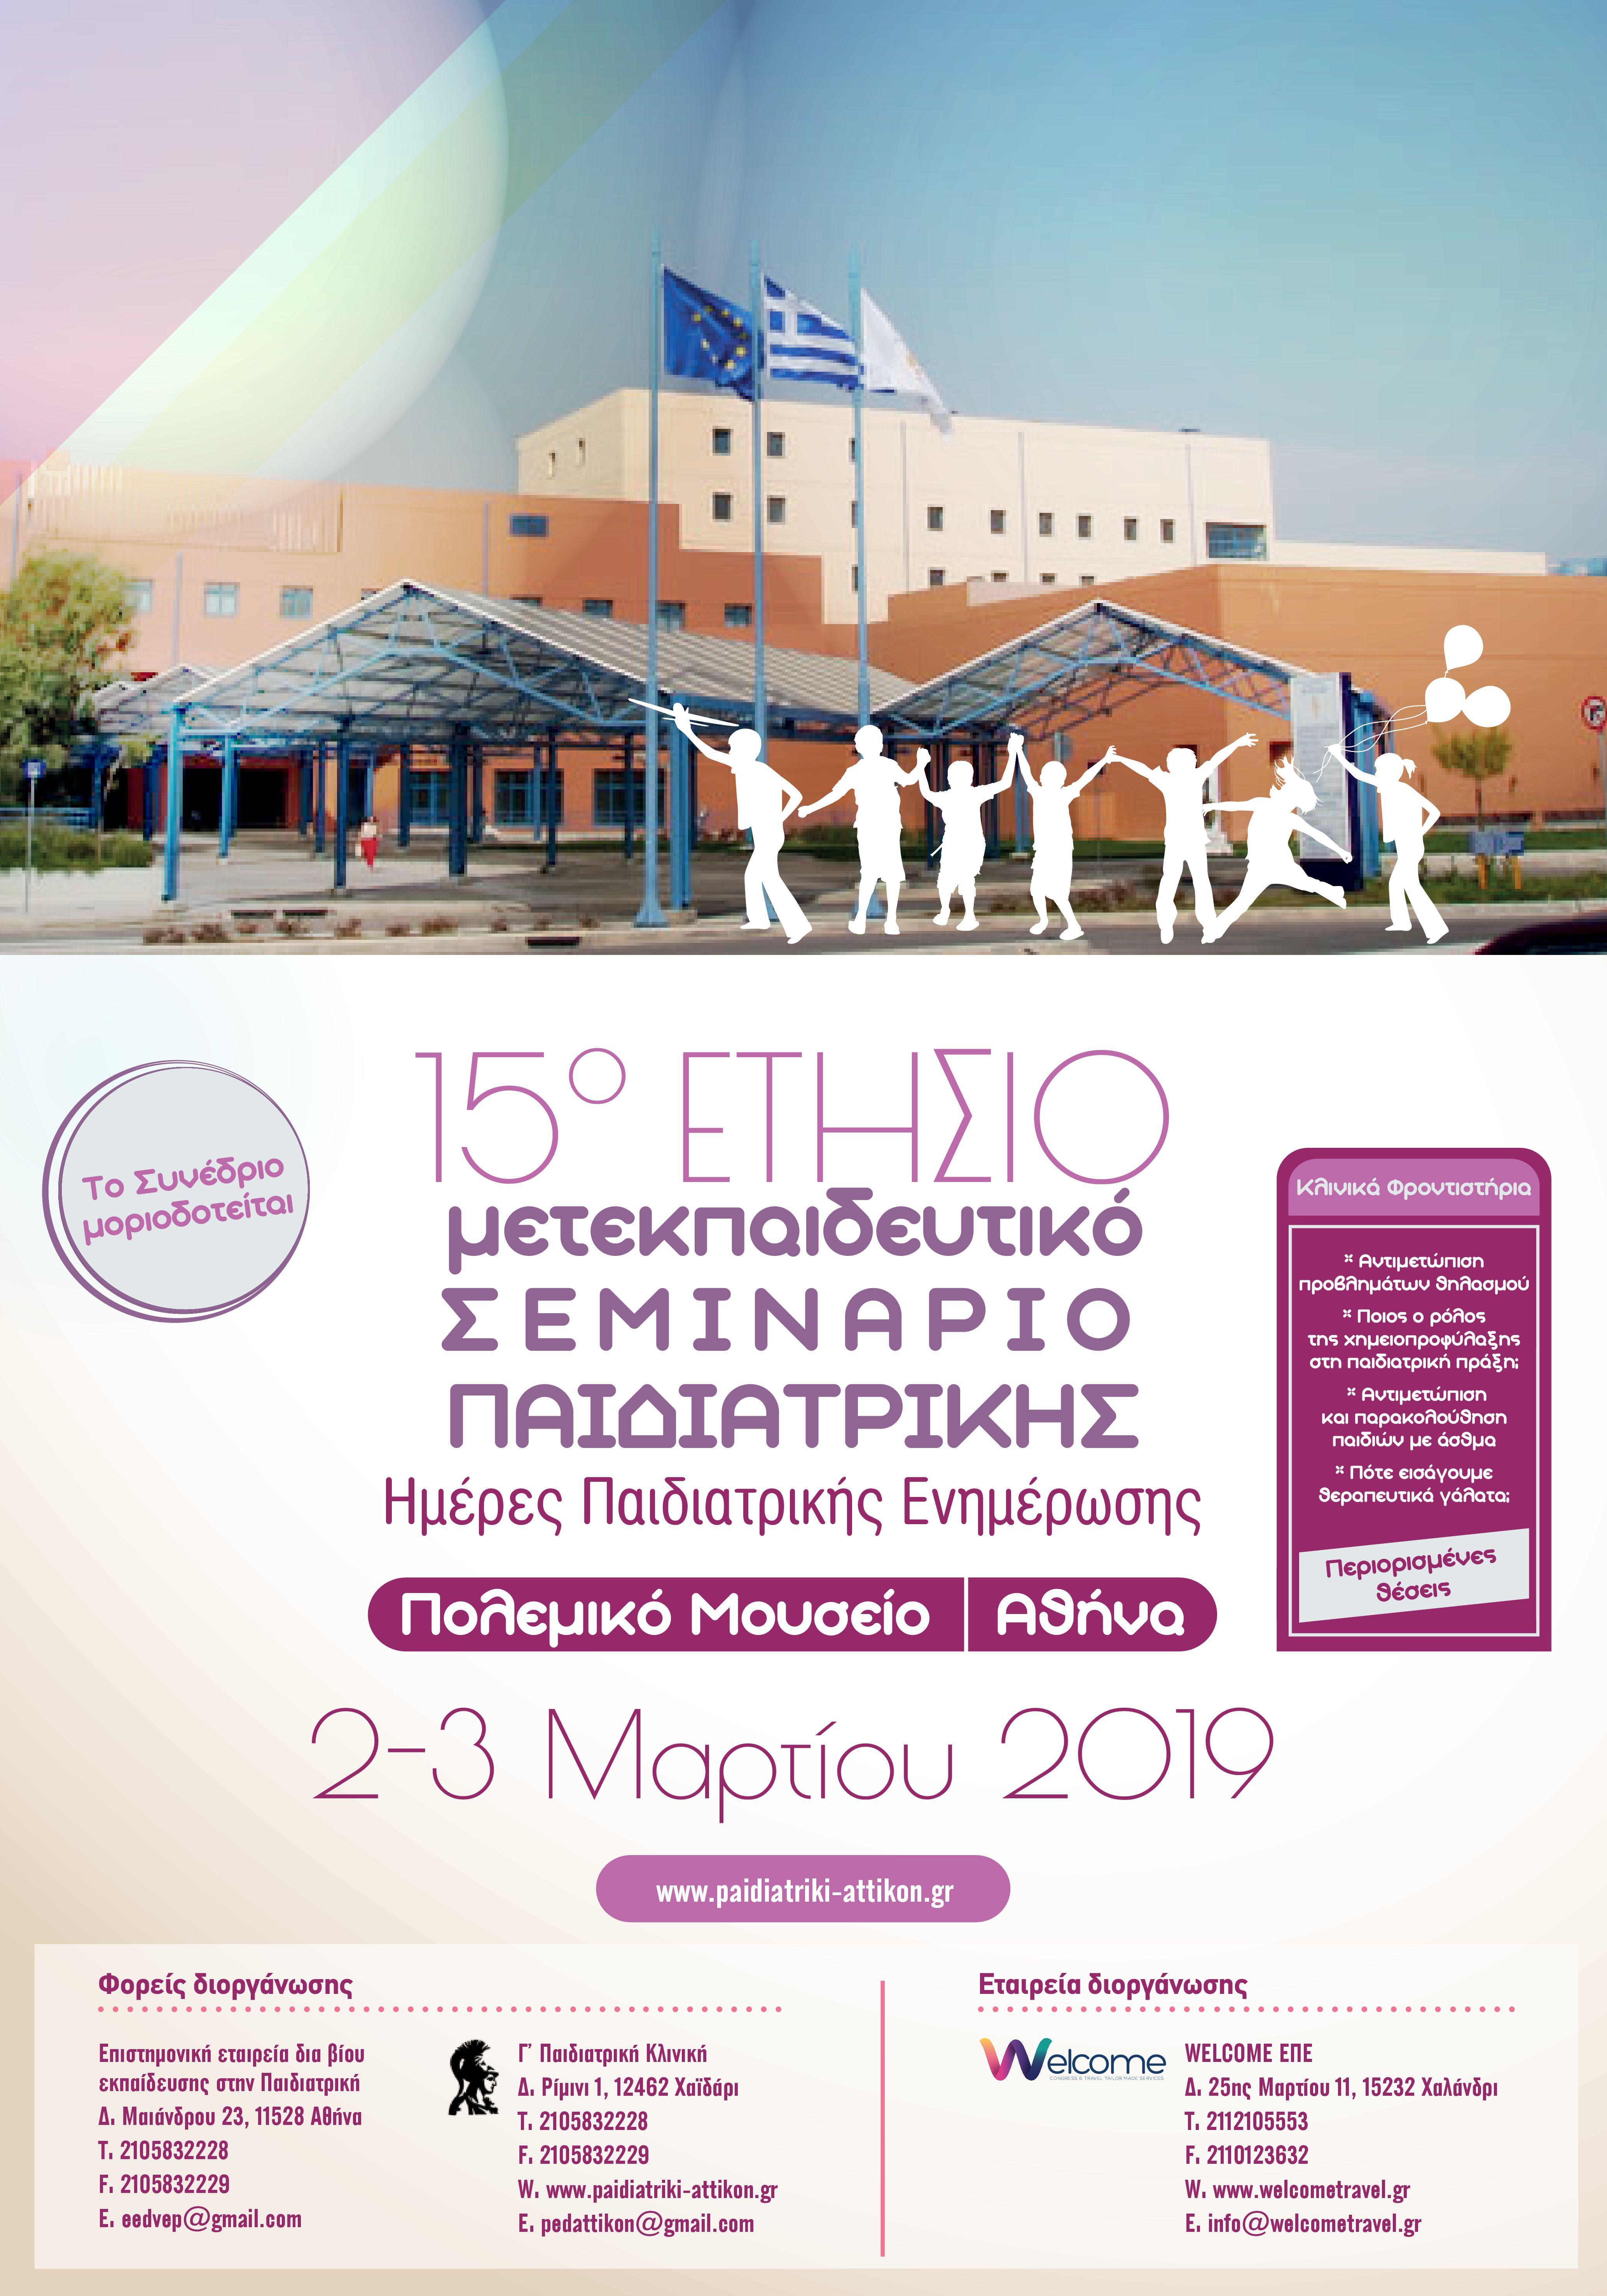 15o Ετήσιο Μετεκπαιδευτικό Σεμινάριο Παιδιατρικής   Ημέρες Παιδιατρικής Ενημέρωσης